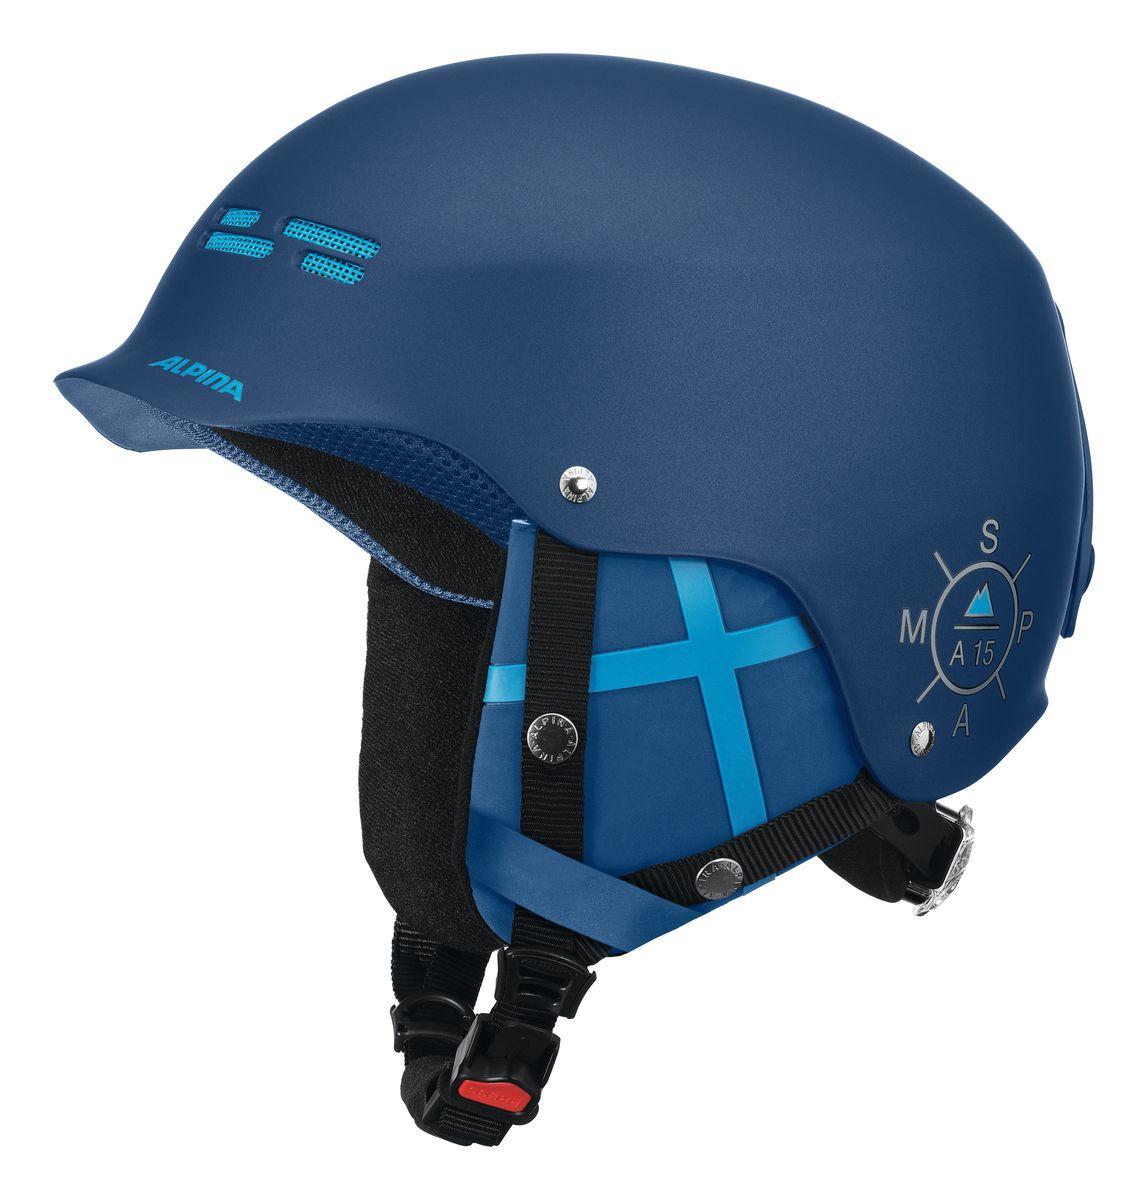 Шлем зимний Alpina Spam Cap, цвет: синий. Размер 54-579033_82Ультрастильный шлем для бесстрашных. Яркие цвета и стильный дизайн отлично смотреться в парке или в пайпе.• Шлем имеет максимально надёжную и долговечную Hardshell конструкцию - предварительно отлитая оболочка из ударопрочного пластика ABS прочно соединена с внутренней оболочкой из вспененного полистирола• Вентиляционные отверстия препятствуют перегреву и позволяют поддерживать идеальную температуру внутри шлема. Для этого инженеры Alpina используют эффект Вентури, чтобы сделать циркуляцию воздуха постоянной и максимально эффективной• Съемные ушки-амбушюры можно снять за секунду и сложить в карман лыжной куртки. Если вы наслаждаетесь катанием в начале апреля, такая возможность должна вас порадовать. А когда температура снова упадет - щелк и вкладыш снова на месте!• Внутренная оболочка каждого шлема Alpina состоит из гранул HI-EPS (сильно вспененного полистирола). Микроскопические воздушные карманы эффективно поглощают ударную нагрузку и обеспечивают высокую теплоизоляцию. Эта технология позволяет достичь минимальной толщины оболочки. А так как гранулы HI-EPS не впитывают влагу, их защитный эффект не ослабевает со временем.• Ручка регулировки Run System Classic в задней части шлема позволяет за мгновение комфортно усадить шлем на затылке• Y-образный ремнераспределитель двух ремешков находится под ухом и обеспечивает быструю и точную посадку шлема на голове• Вместо фастекса на ремешке используется красная кнопка с автоматическим запирающим механизмом, которую легко использовать даже в лыжных перчатках. Механизм защищён от произвольного раскрытия при падении.Что взять с собой на горнолыжную прогулку: рассказывают эксперты. Статья OZON Гид